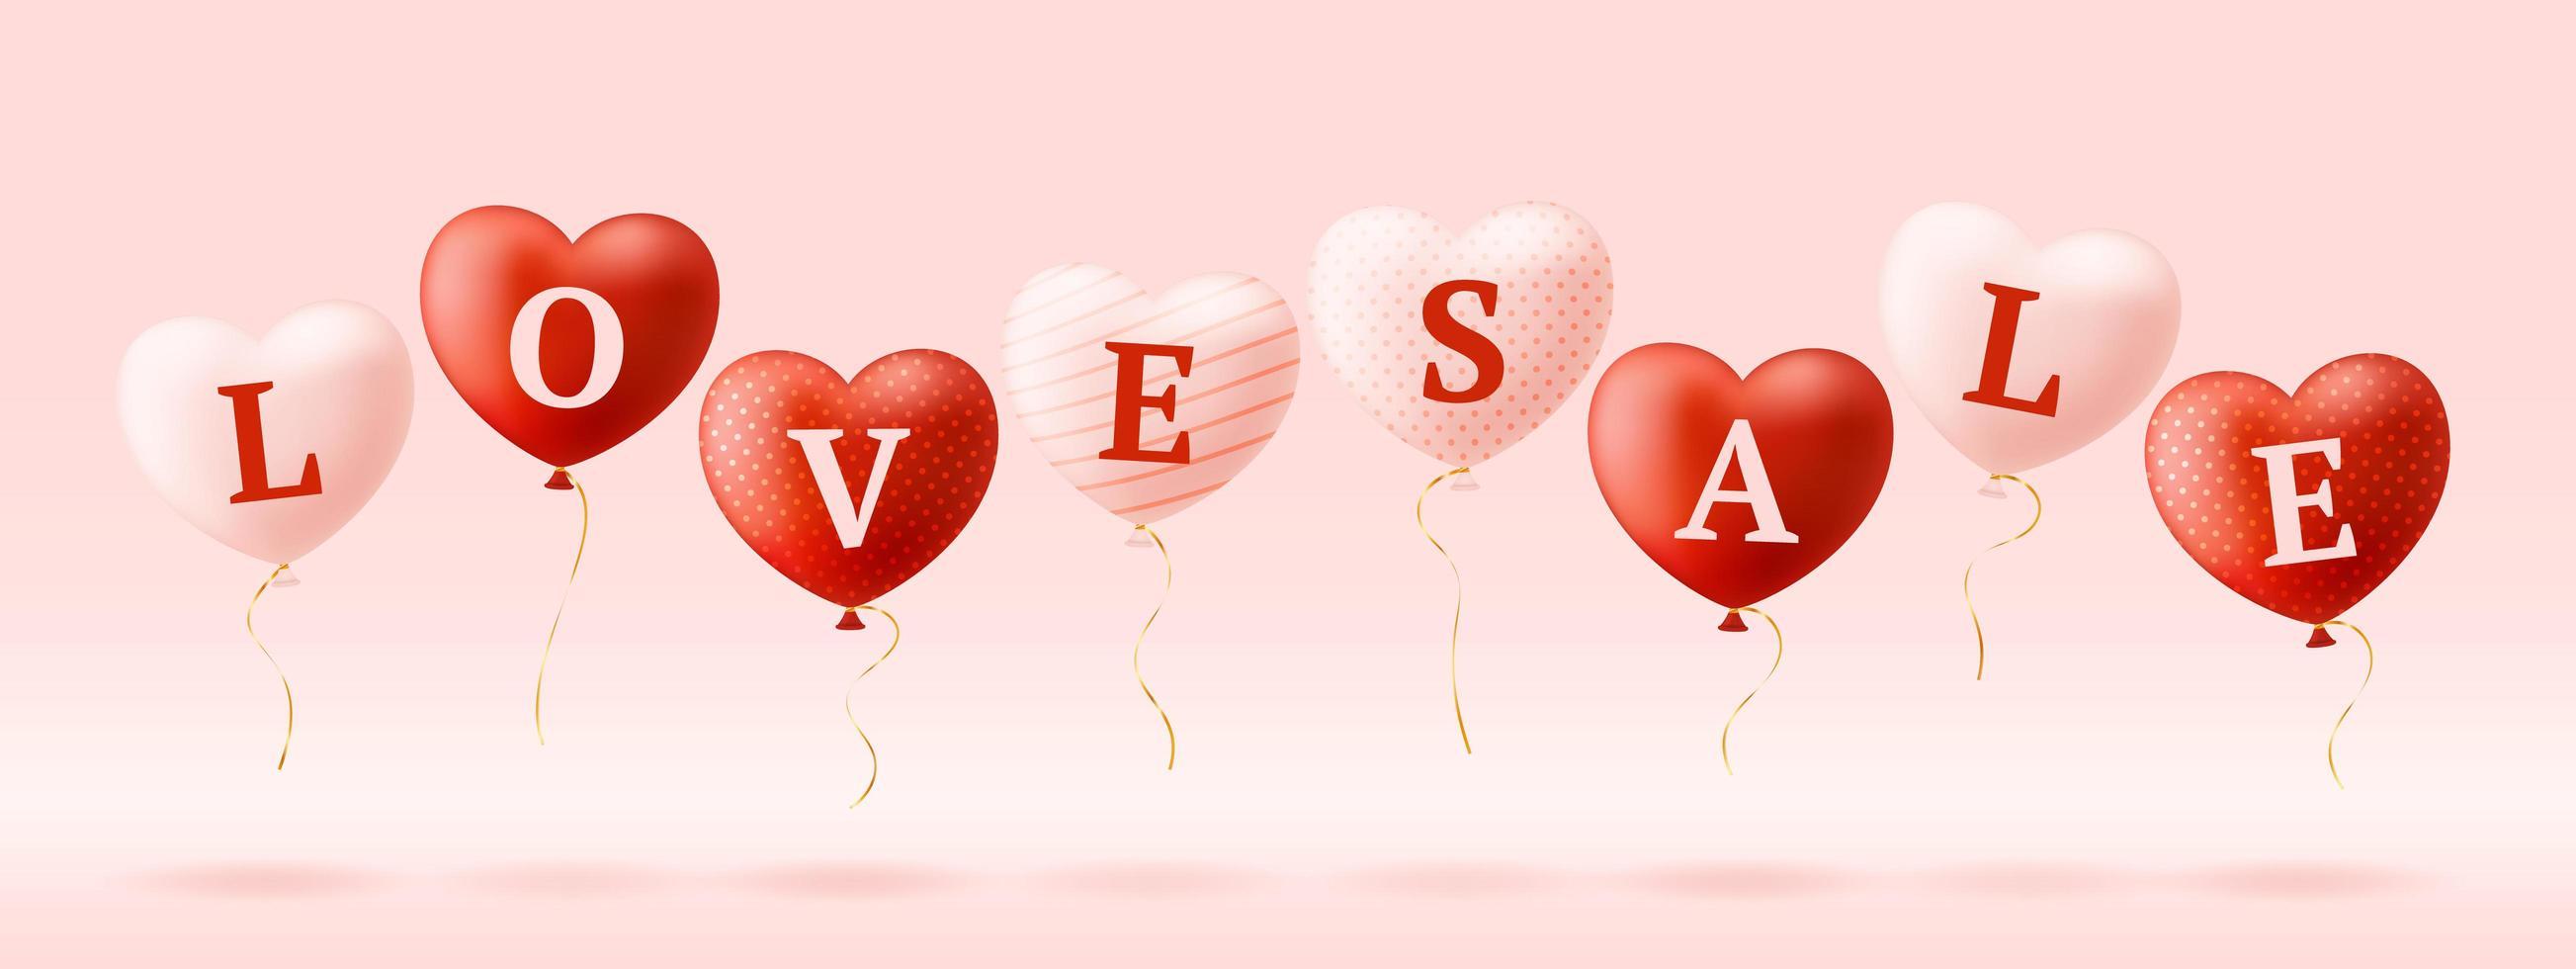 amo a palavra e venda em corações realistas. cartão de dia dos namorados com corações rosa e vermelhos e letras de amor. conceito de venda ou desconto de ilustração vetorial vetor